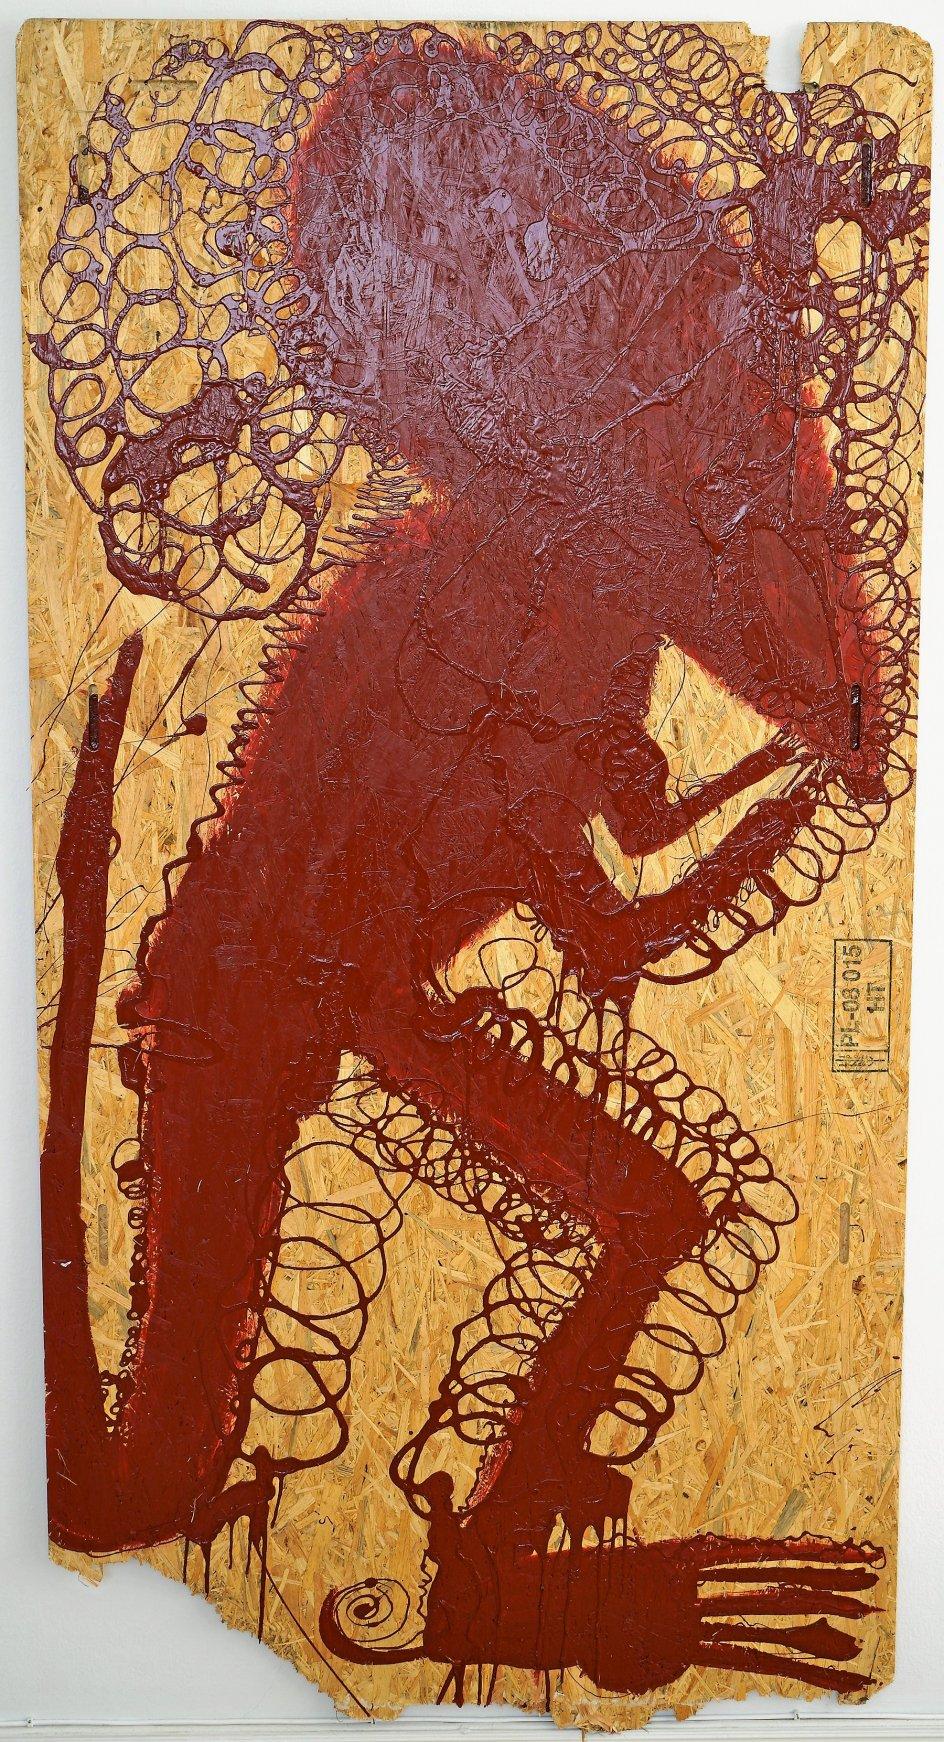 """Frederik Næblerød (født 1988) blev færdig på kunstakademiet sidste år, men er allerede én af de danske kunstnere, der sælger godt, lyder det fra eksperter. Her ses Næblerøds """"Predator"""" (kødæder), autolak på MDF-træplade fra 2018. –"""